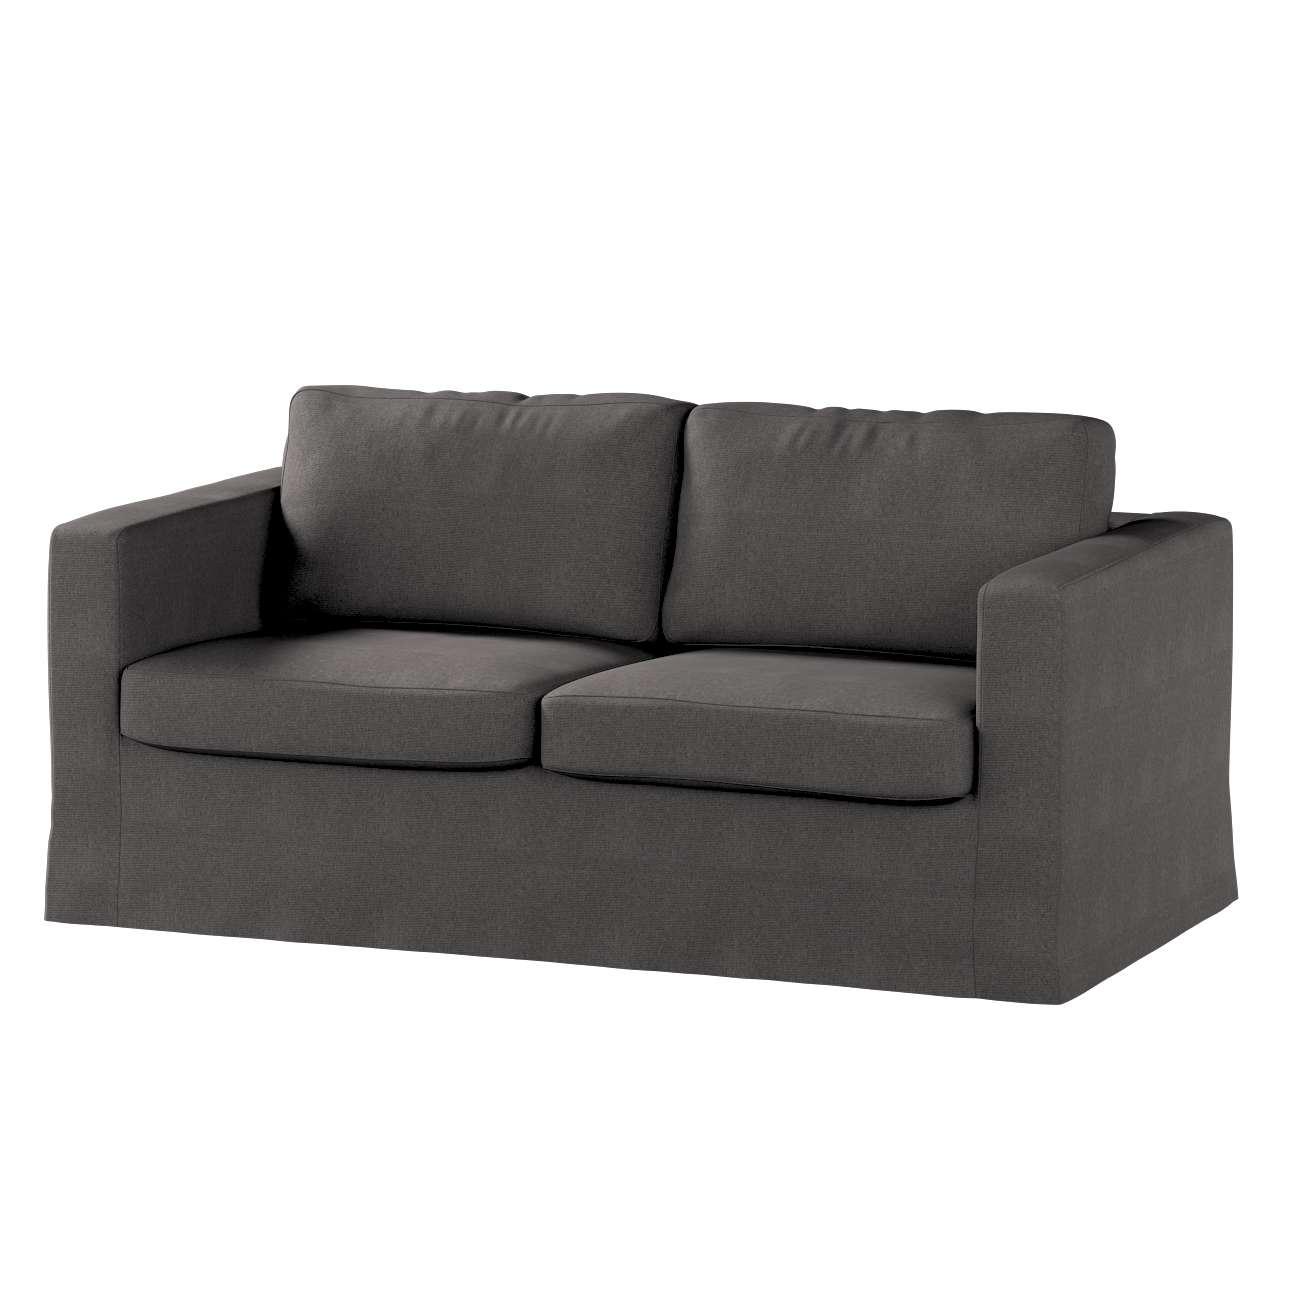 Pokrowiec na sofę Karlstad 2-osobową nierozkładaną długi Sofa Karlstad 2-osobowa w kolekcji Etna , tkanina: 705-35